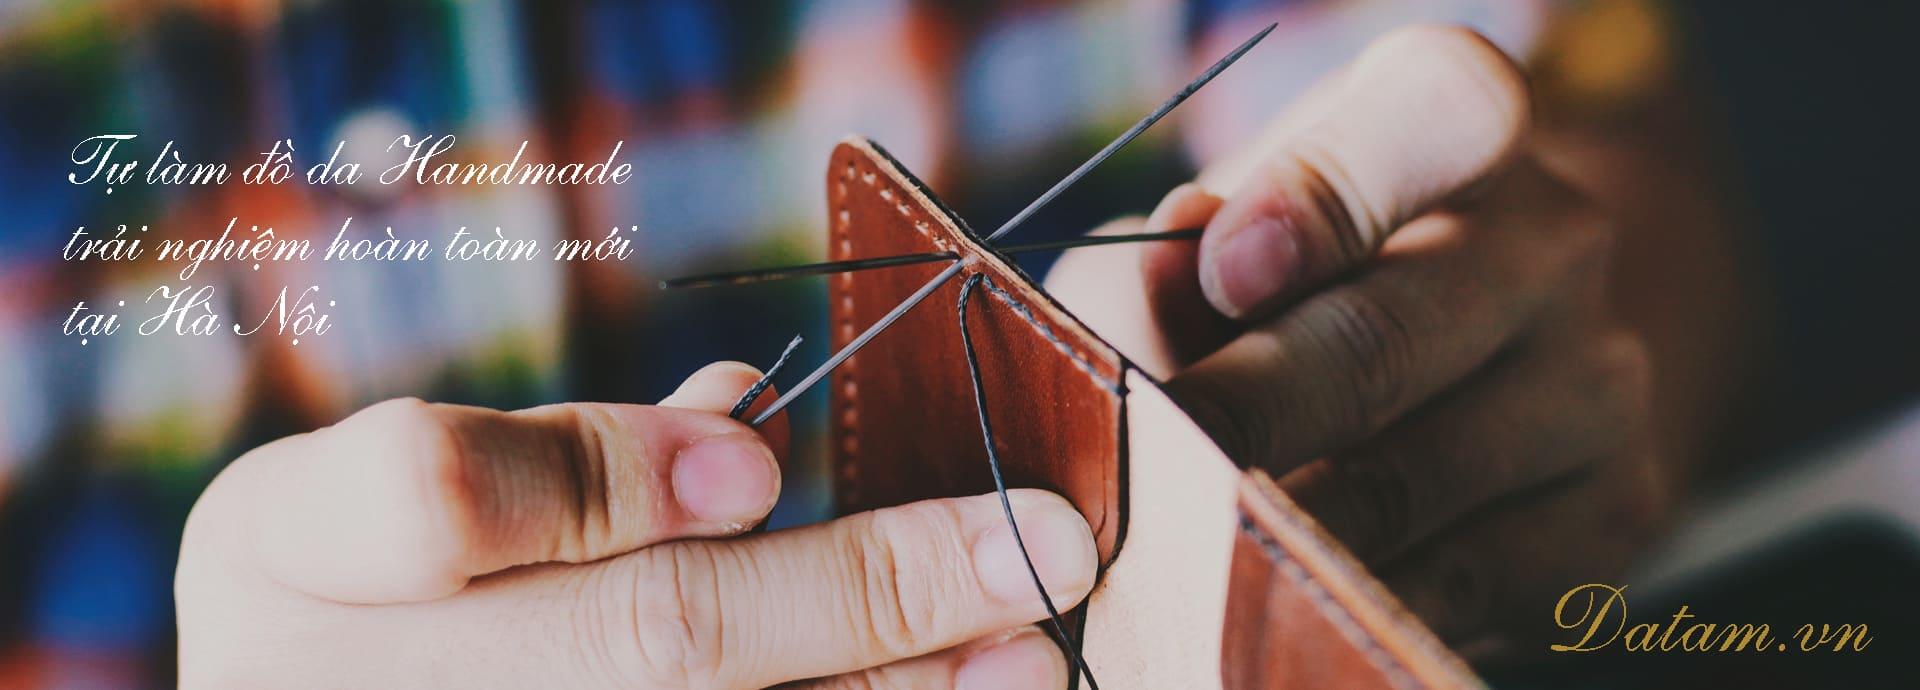 Tự làm đồ da Handmade - Trải nghiệm hoàn toàn mới tại Hà Nội